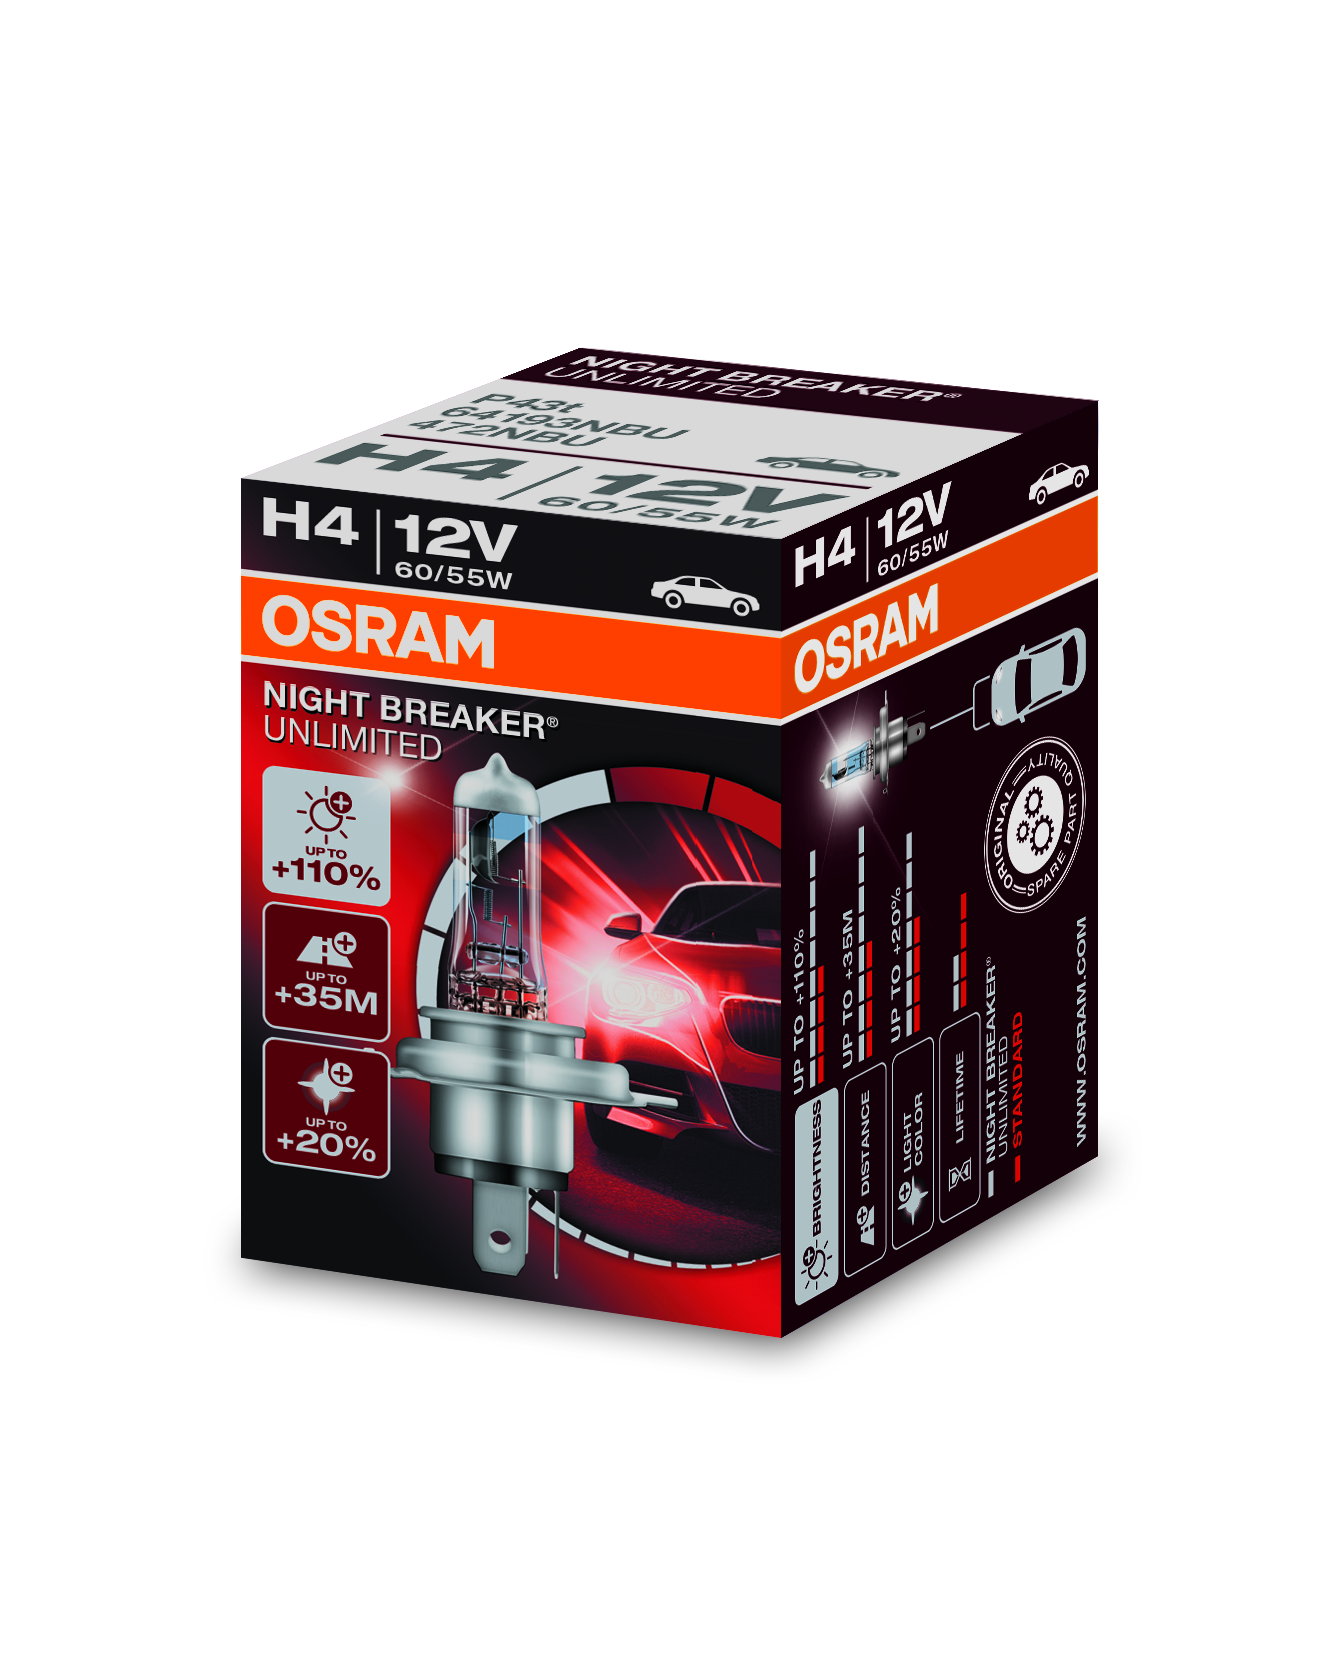 Osram halogenová žárovka, NIGHT BREAKER UNLIMITED, H4, P43t, 12V, 60/55W, 64193NBU